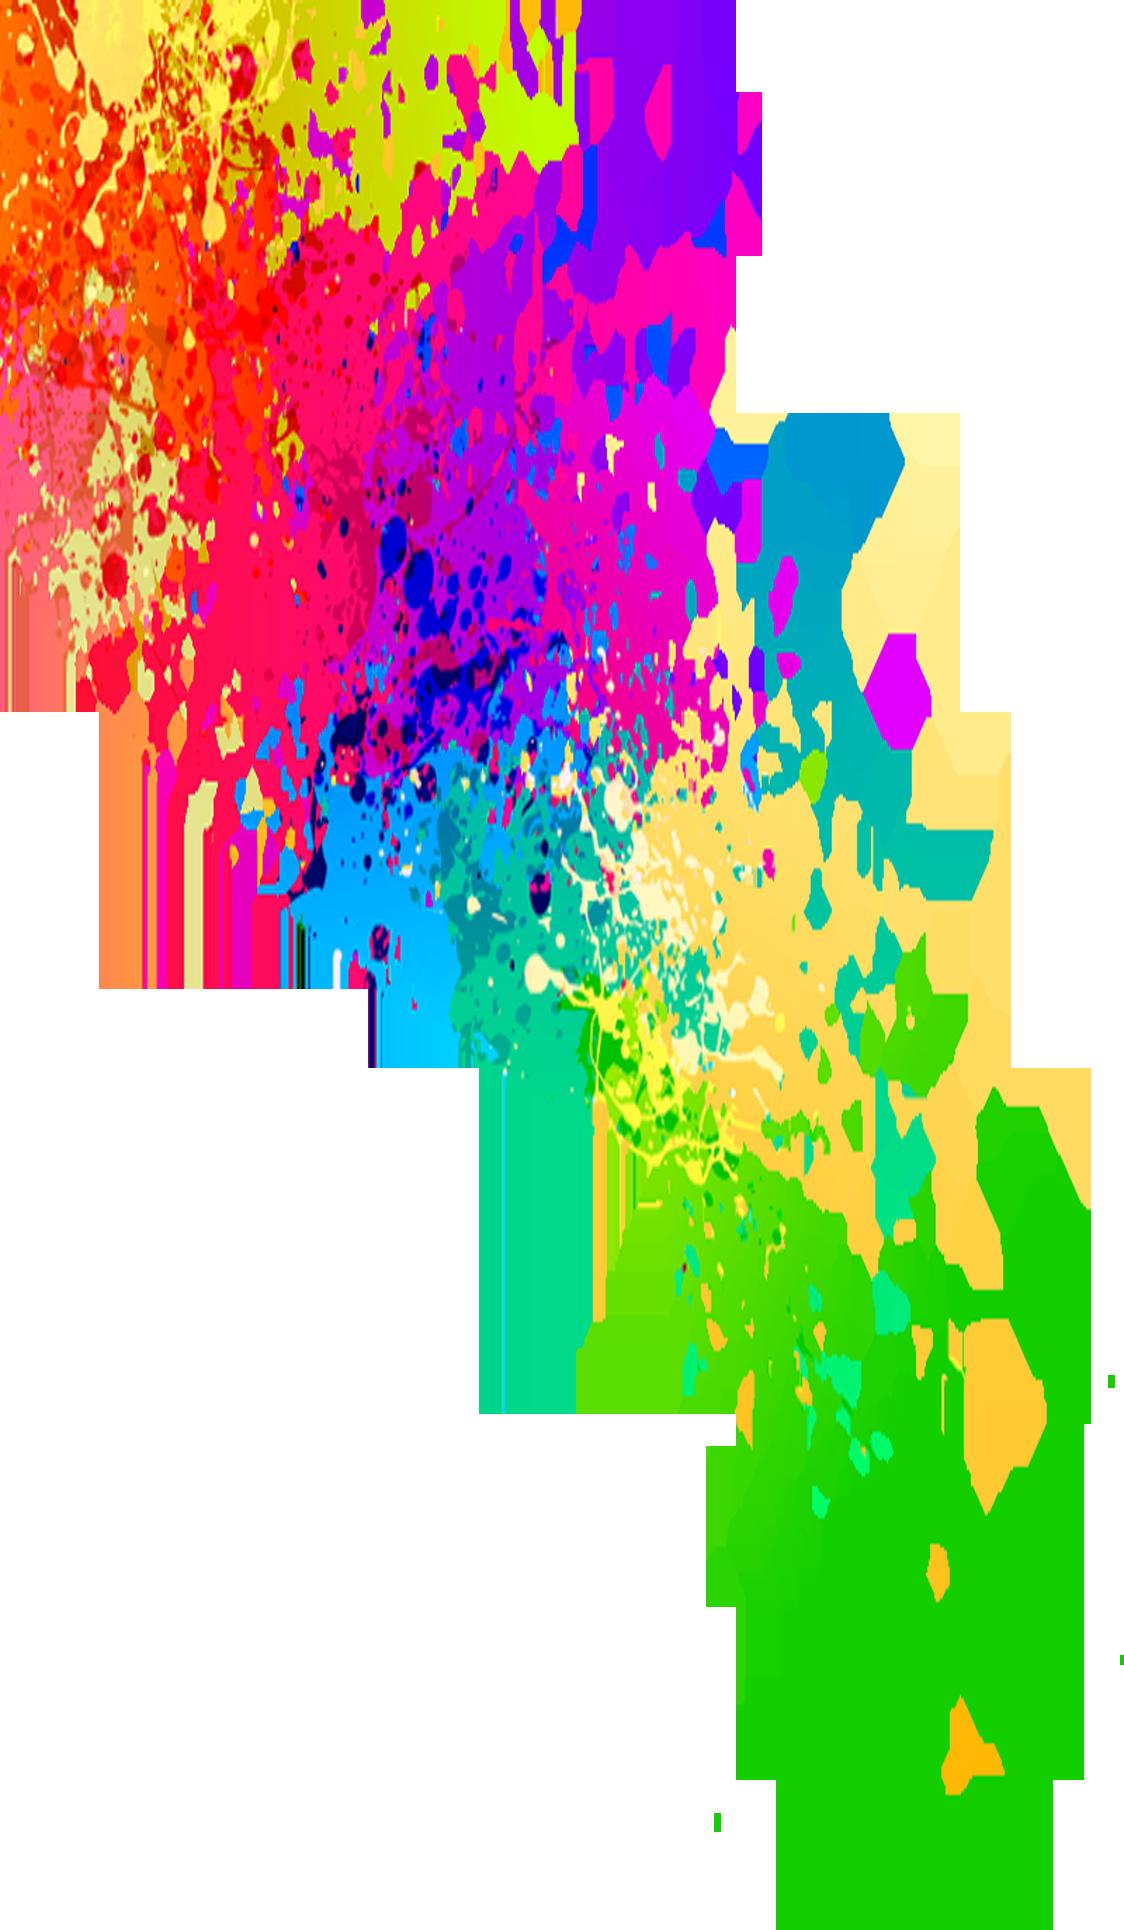 clipart free download  paint color png. Transparent splash neon